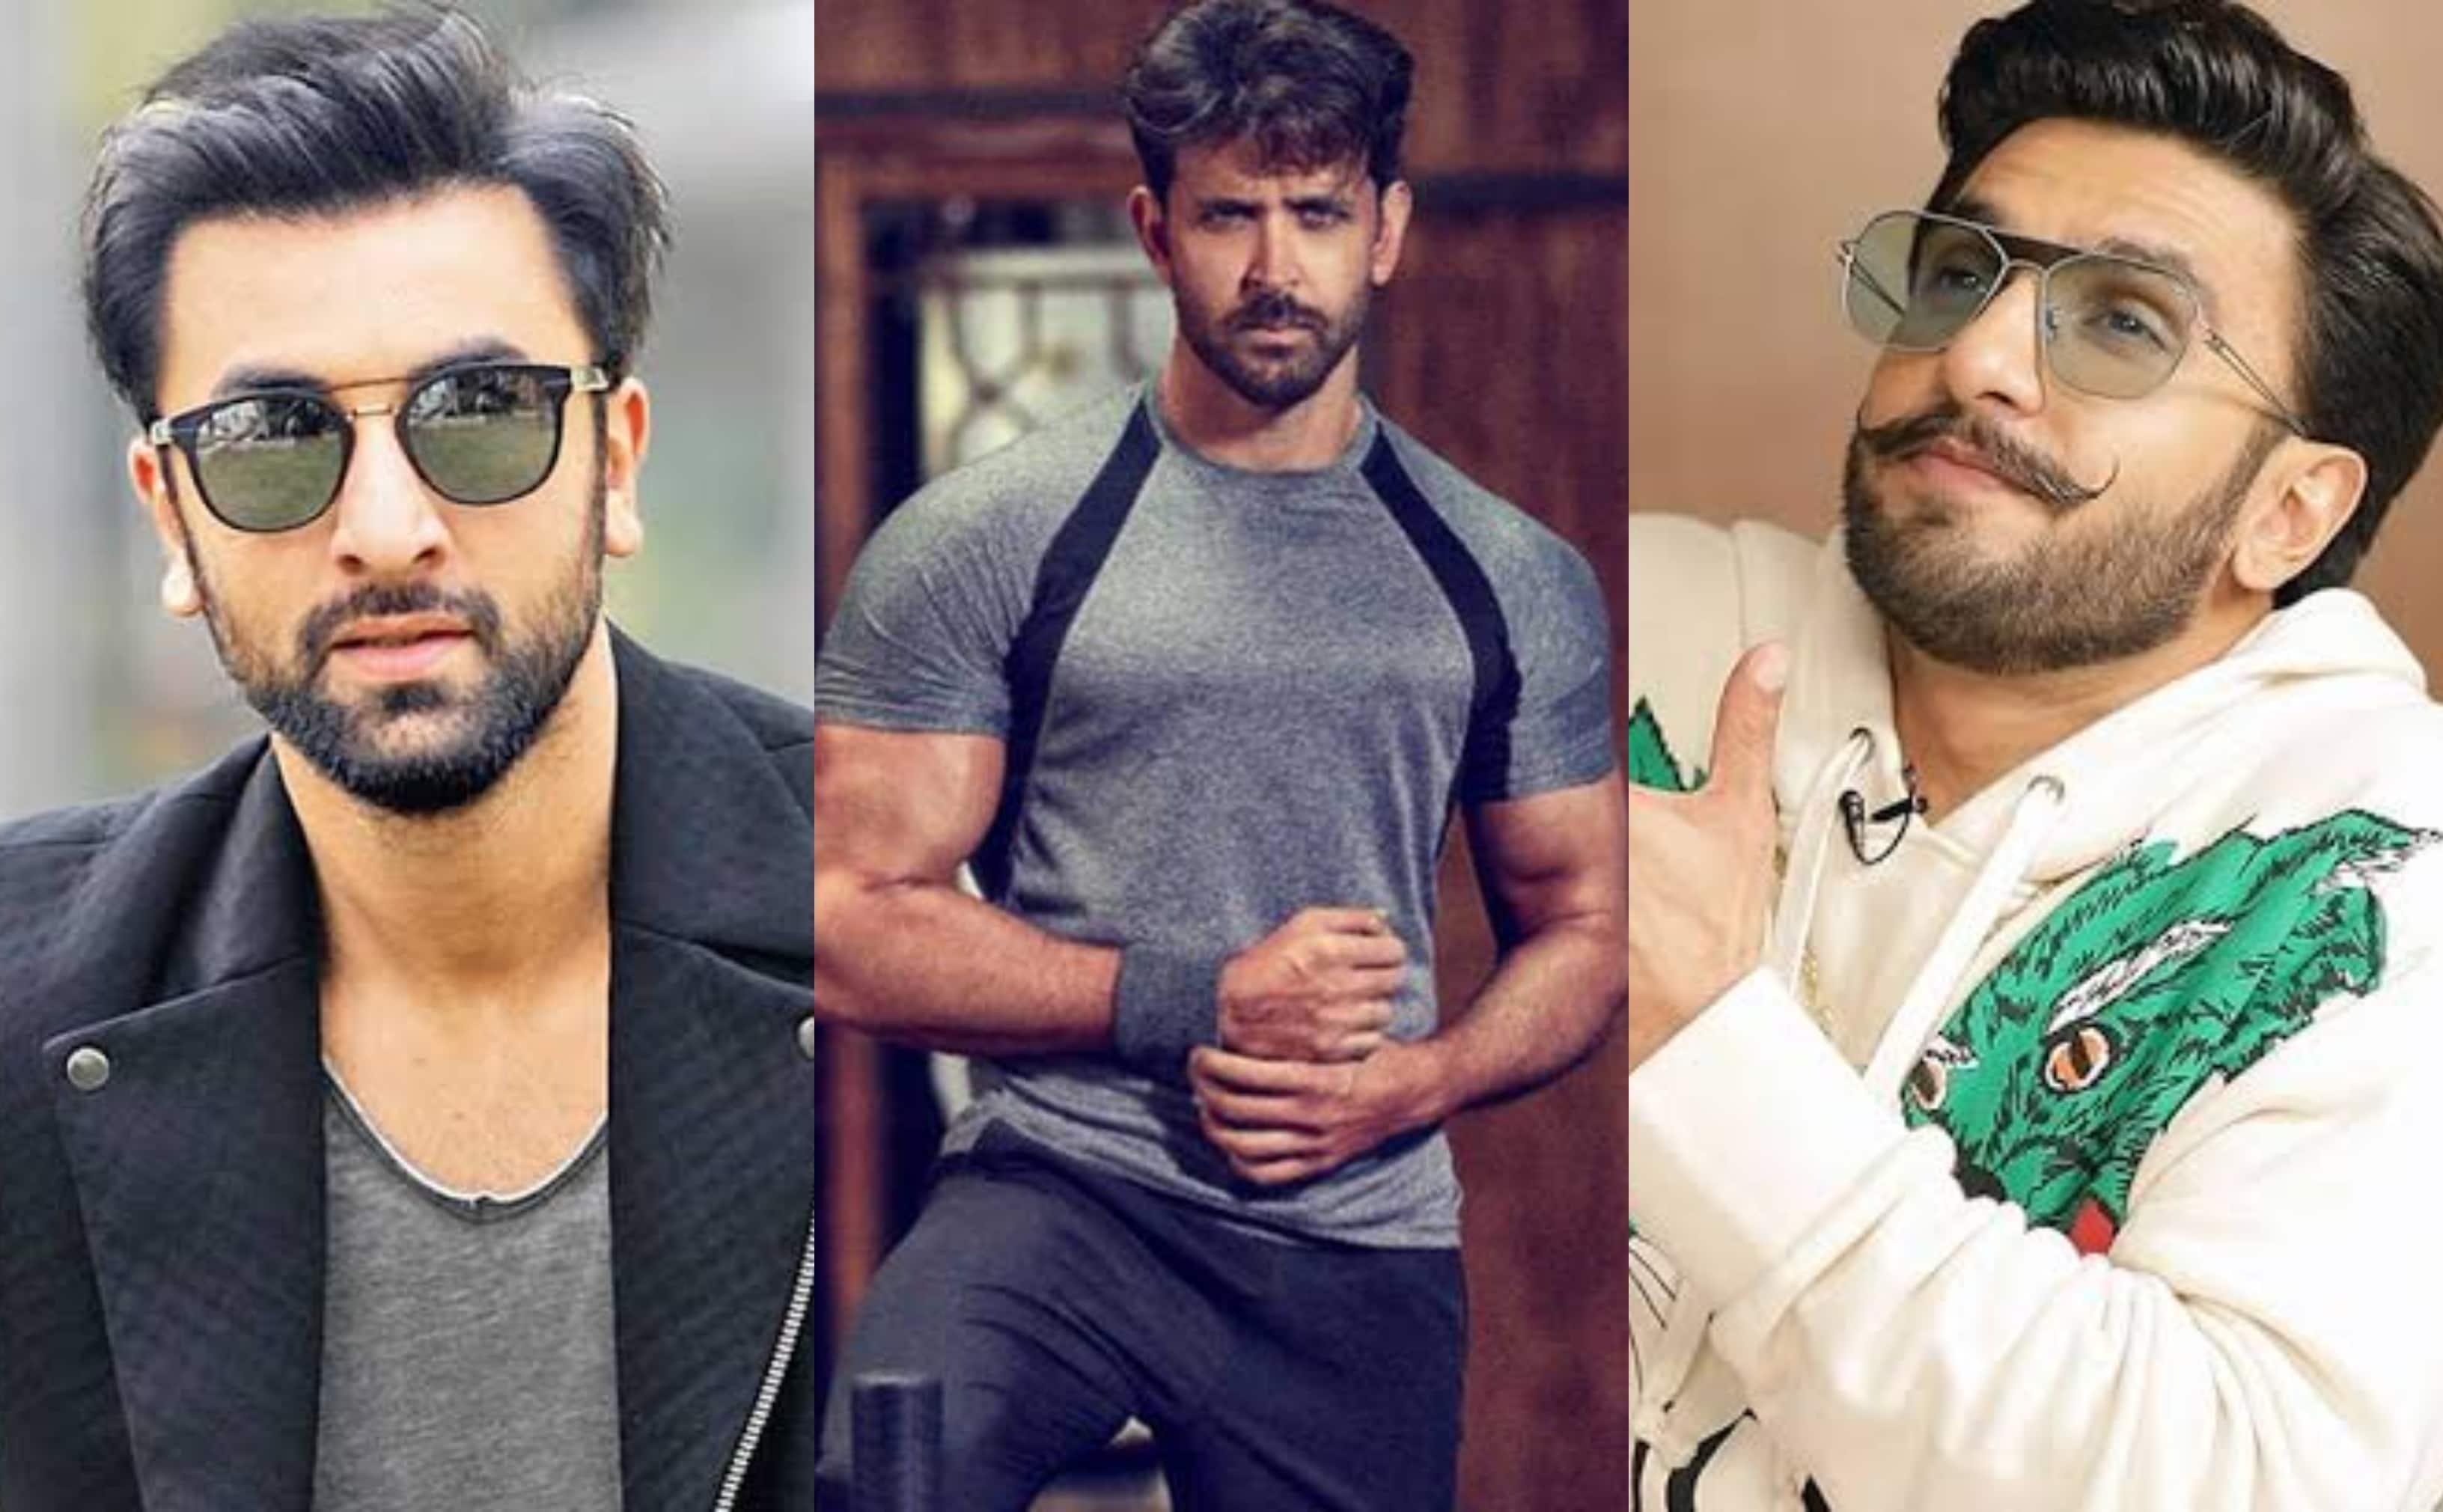 Rakesh Roshan Says These Actors Could Reprise Shah Rukh Khan And Salman Khan's Roles In Karan Arjun Remake